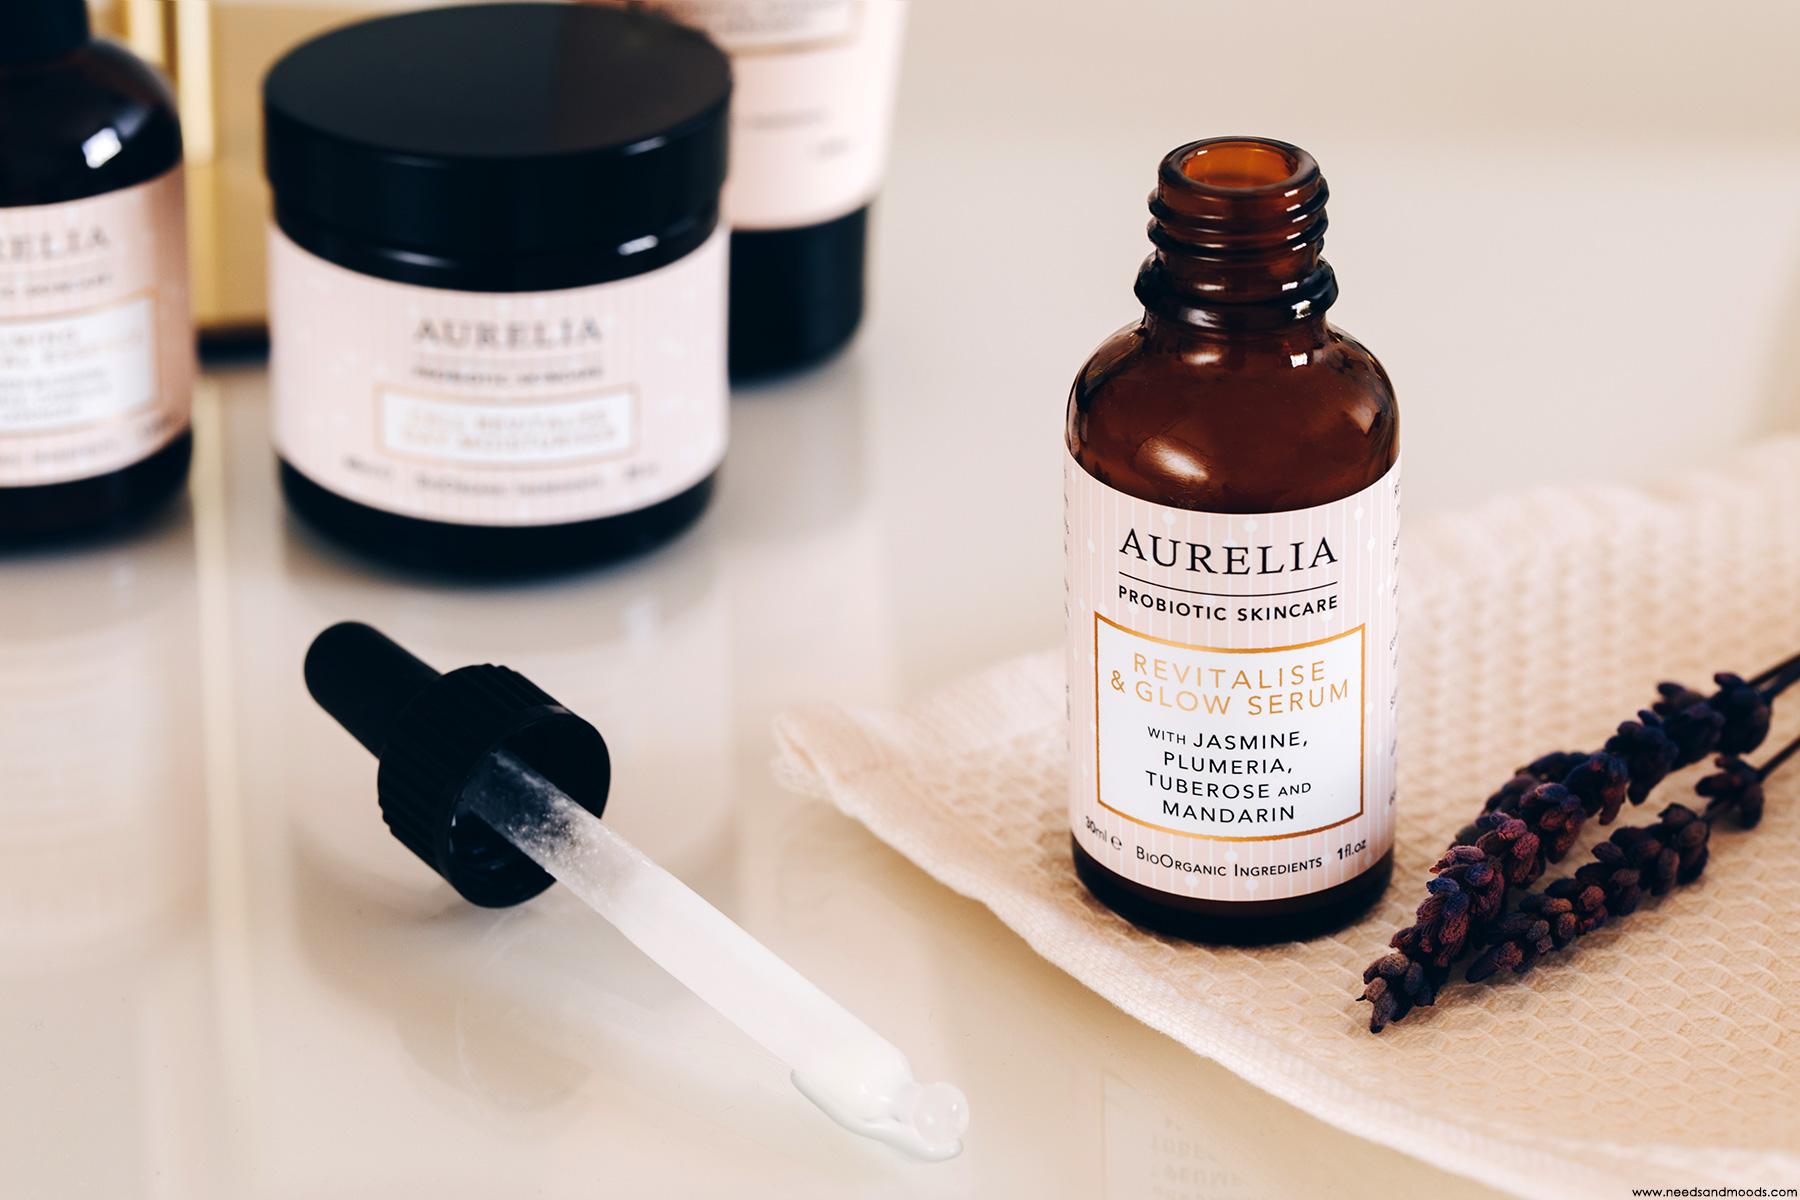 aurelia probiotic revitalise glow serum